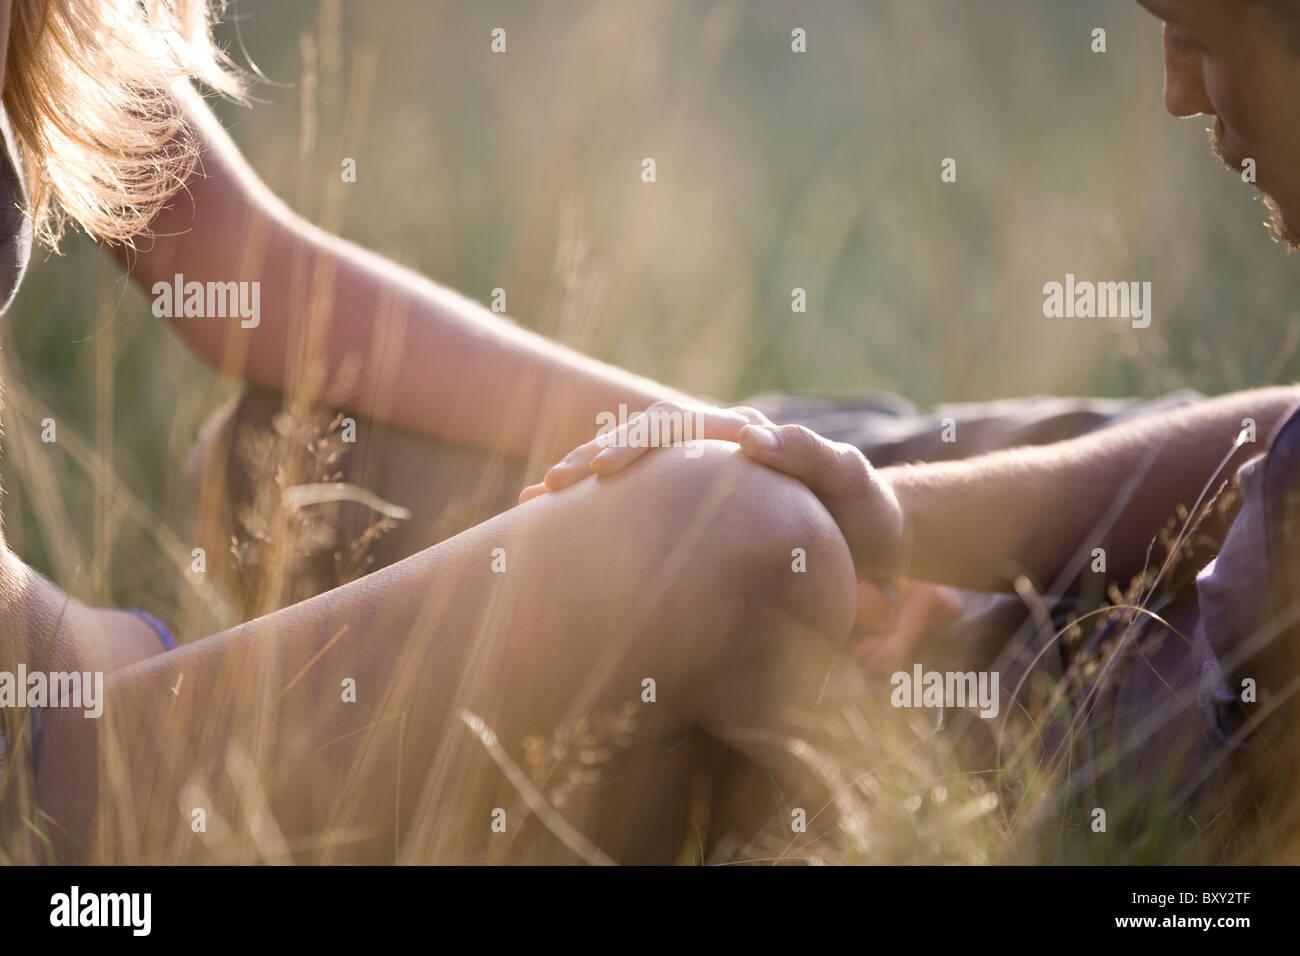 Dettaglio di una giovane coppia all'aperto, man mano sul ginocchio womans Foto Stock